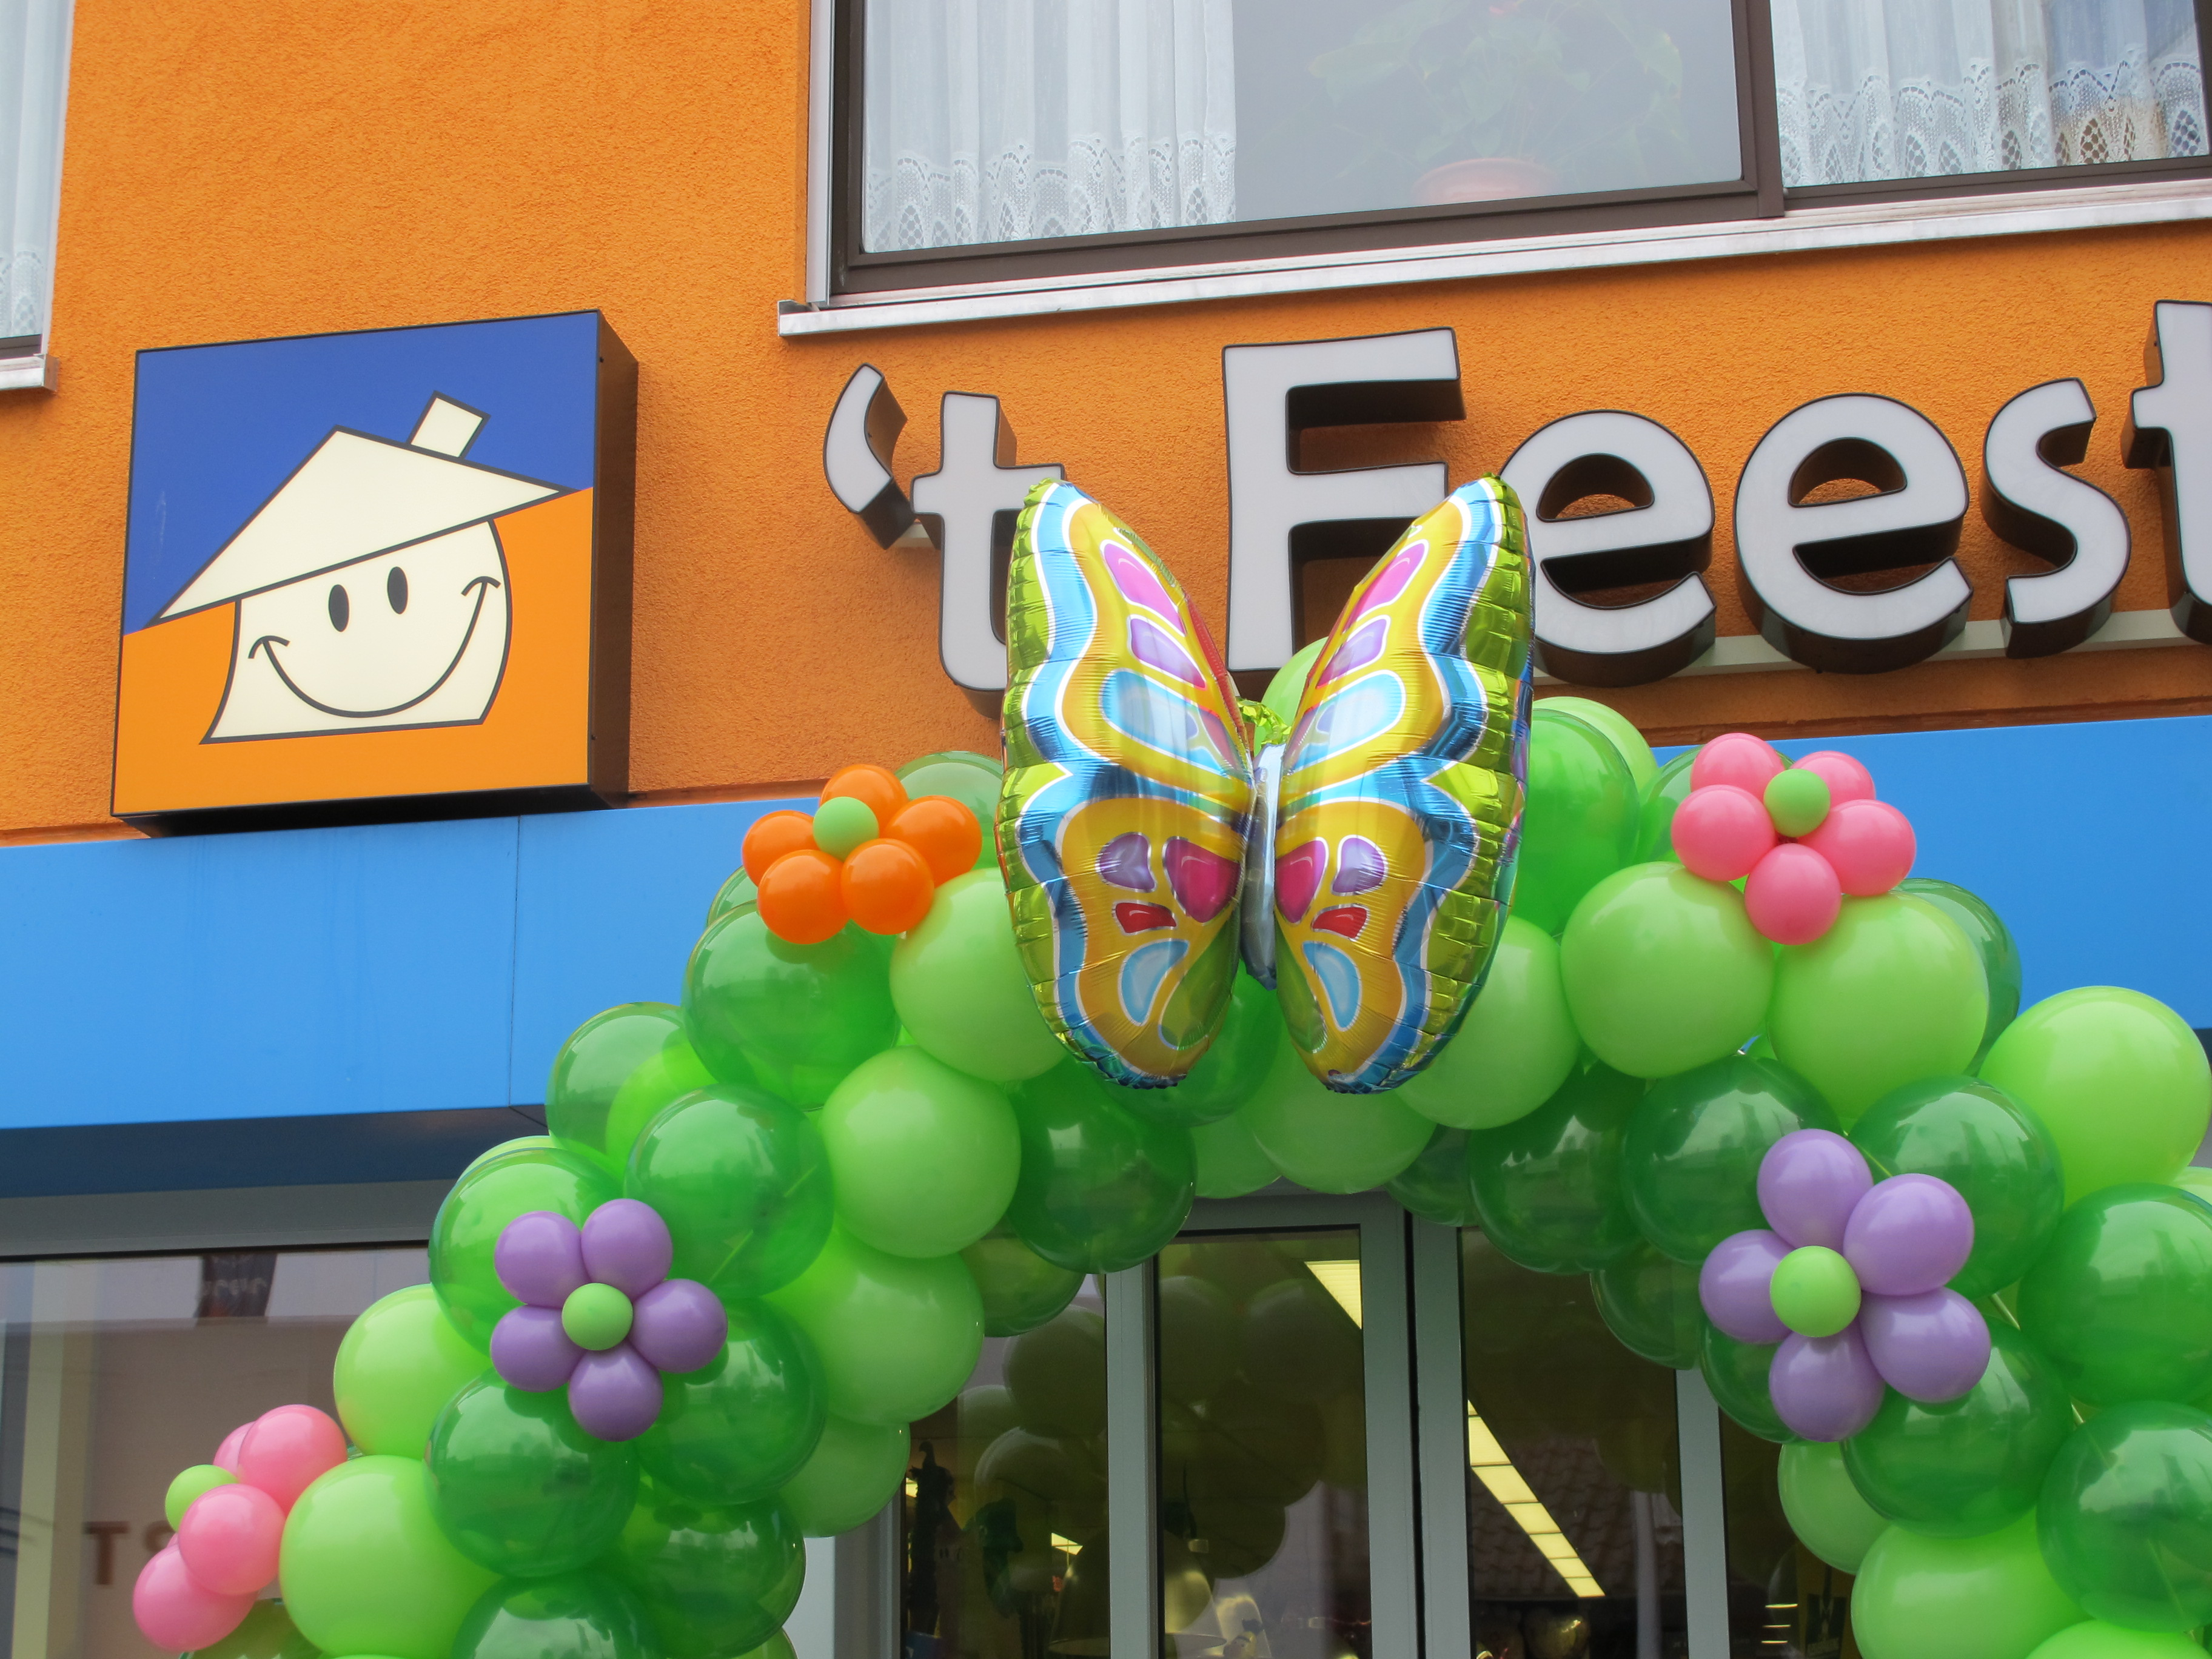 Ballonnendecoratie - Kleine ballonnenrozet gemaakt van 5 inch ballonnen, hier te zien op een ballonboog